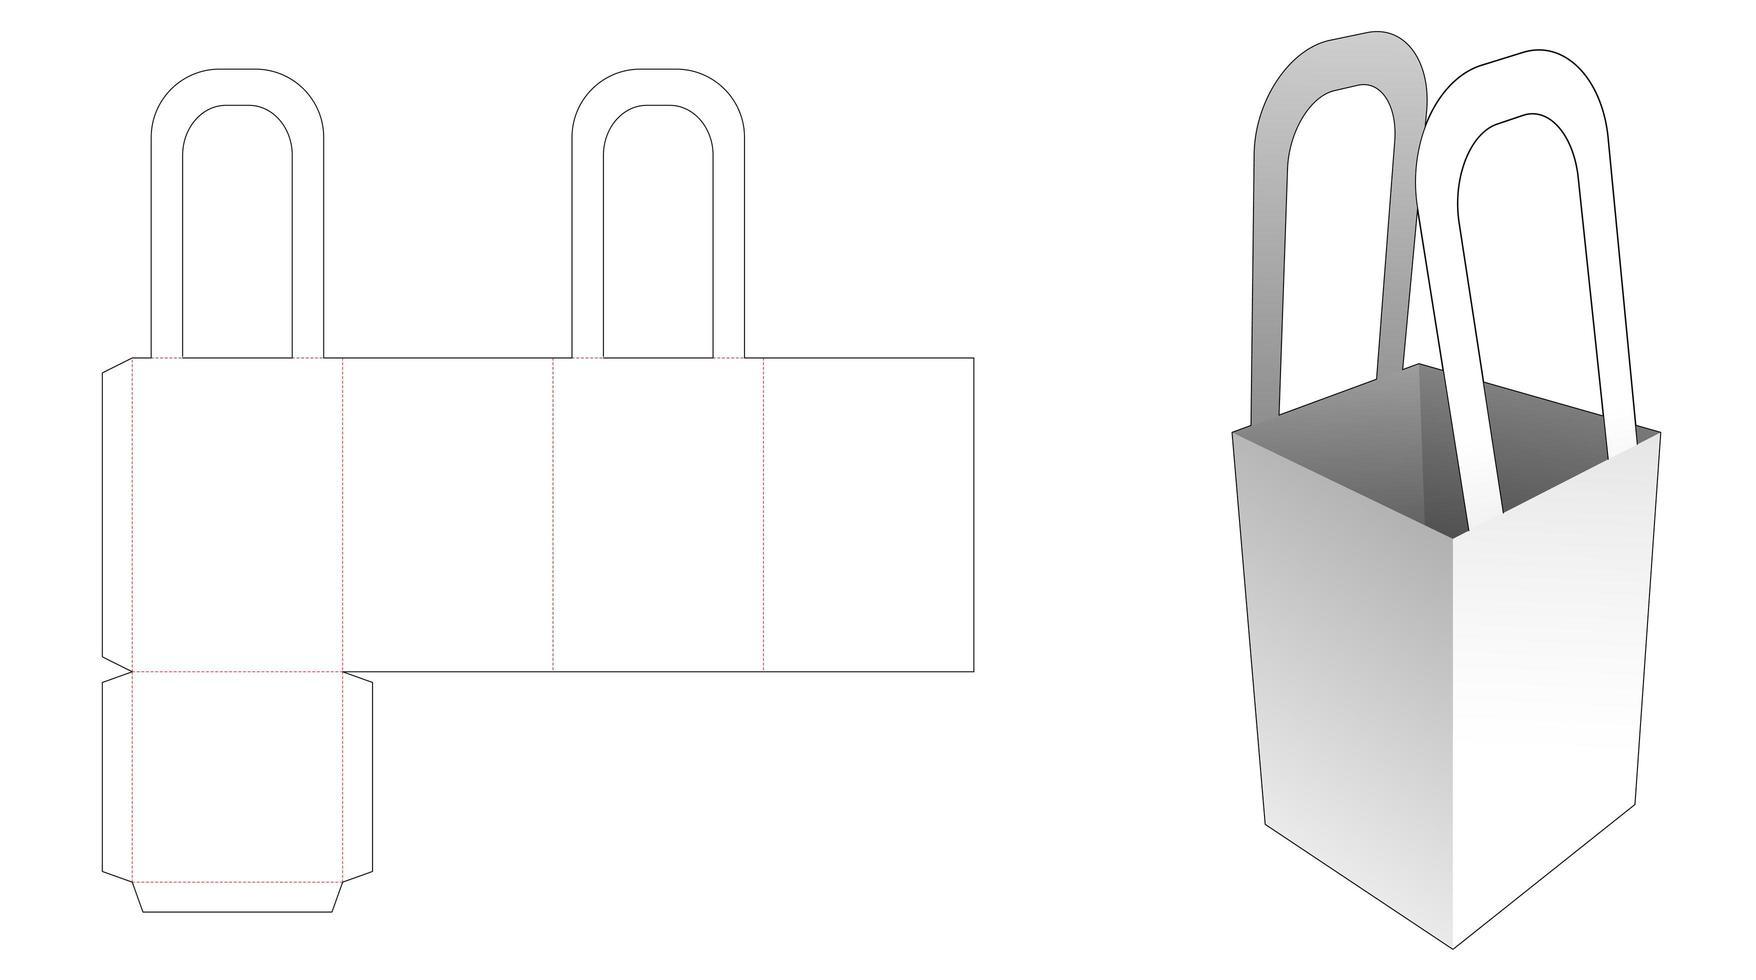 Popcornbehälter mit Griff vektor